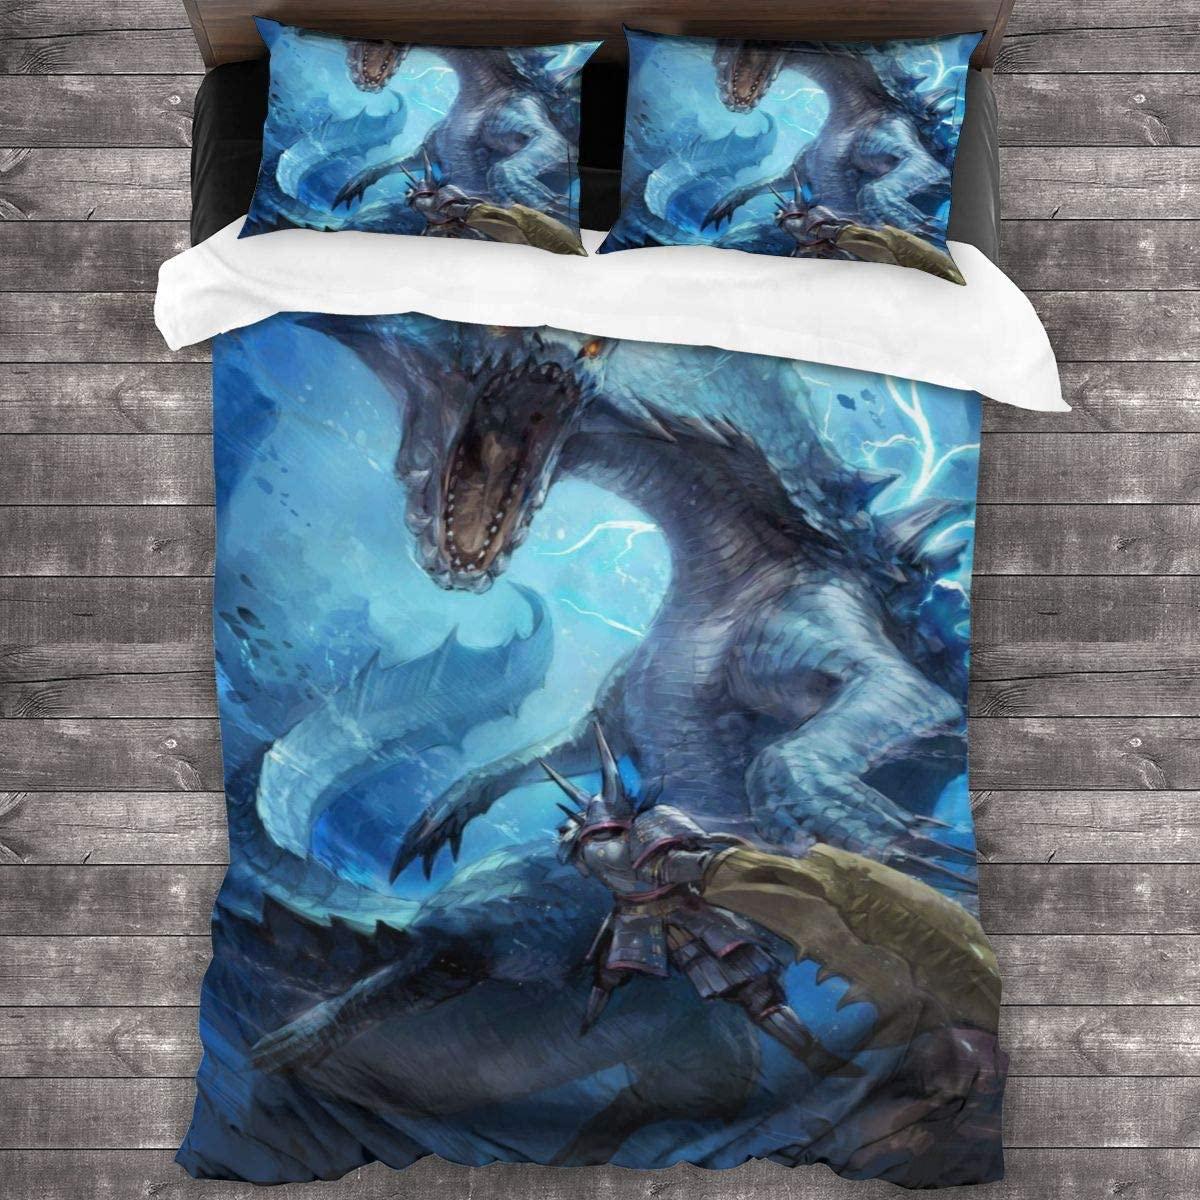 3pcs Bedding Printing Monster Hunter World Duvet Cover Set Soft(No Comforter) bed Set (1 Duvet Cover + 2 Pillow Shams)